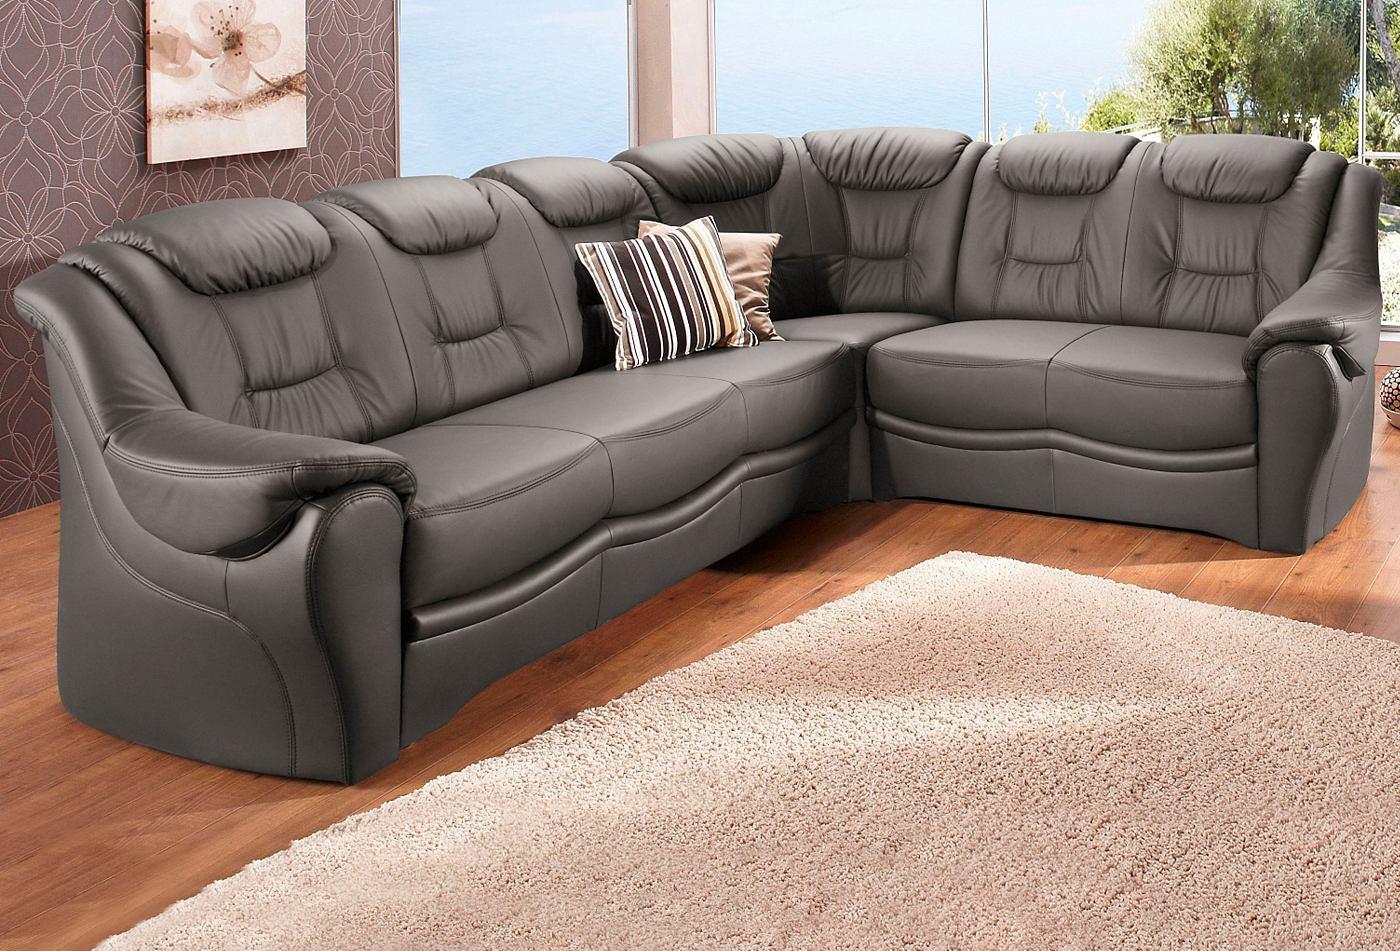 Bank zithoek 2 zits en 3 zits banken online bestellen met garantie - Lounge grijs en paars ...